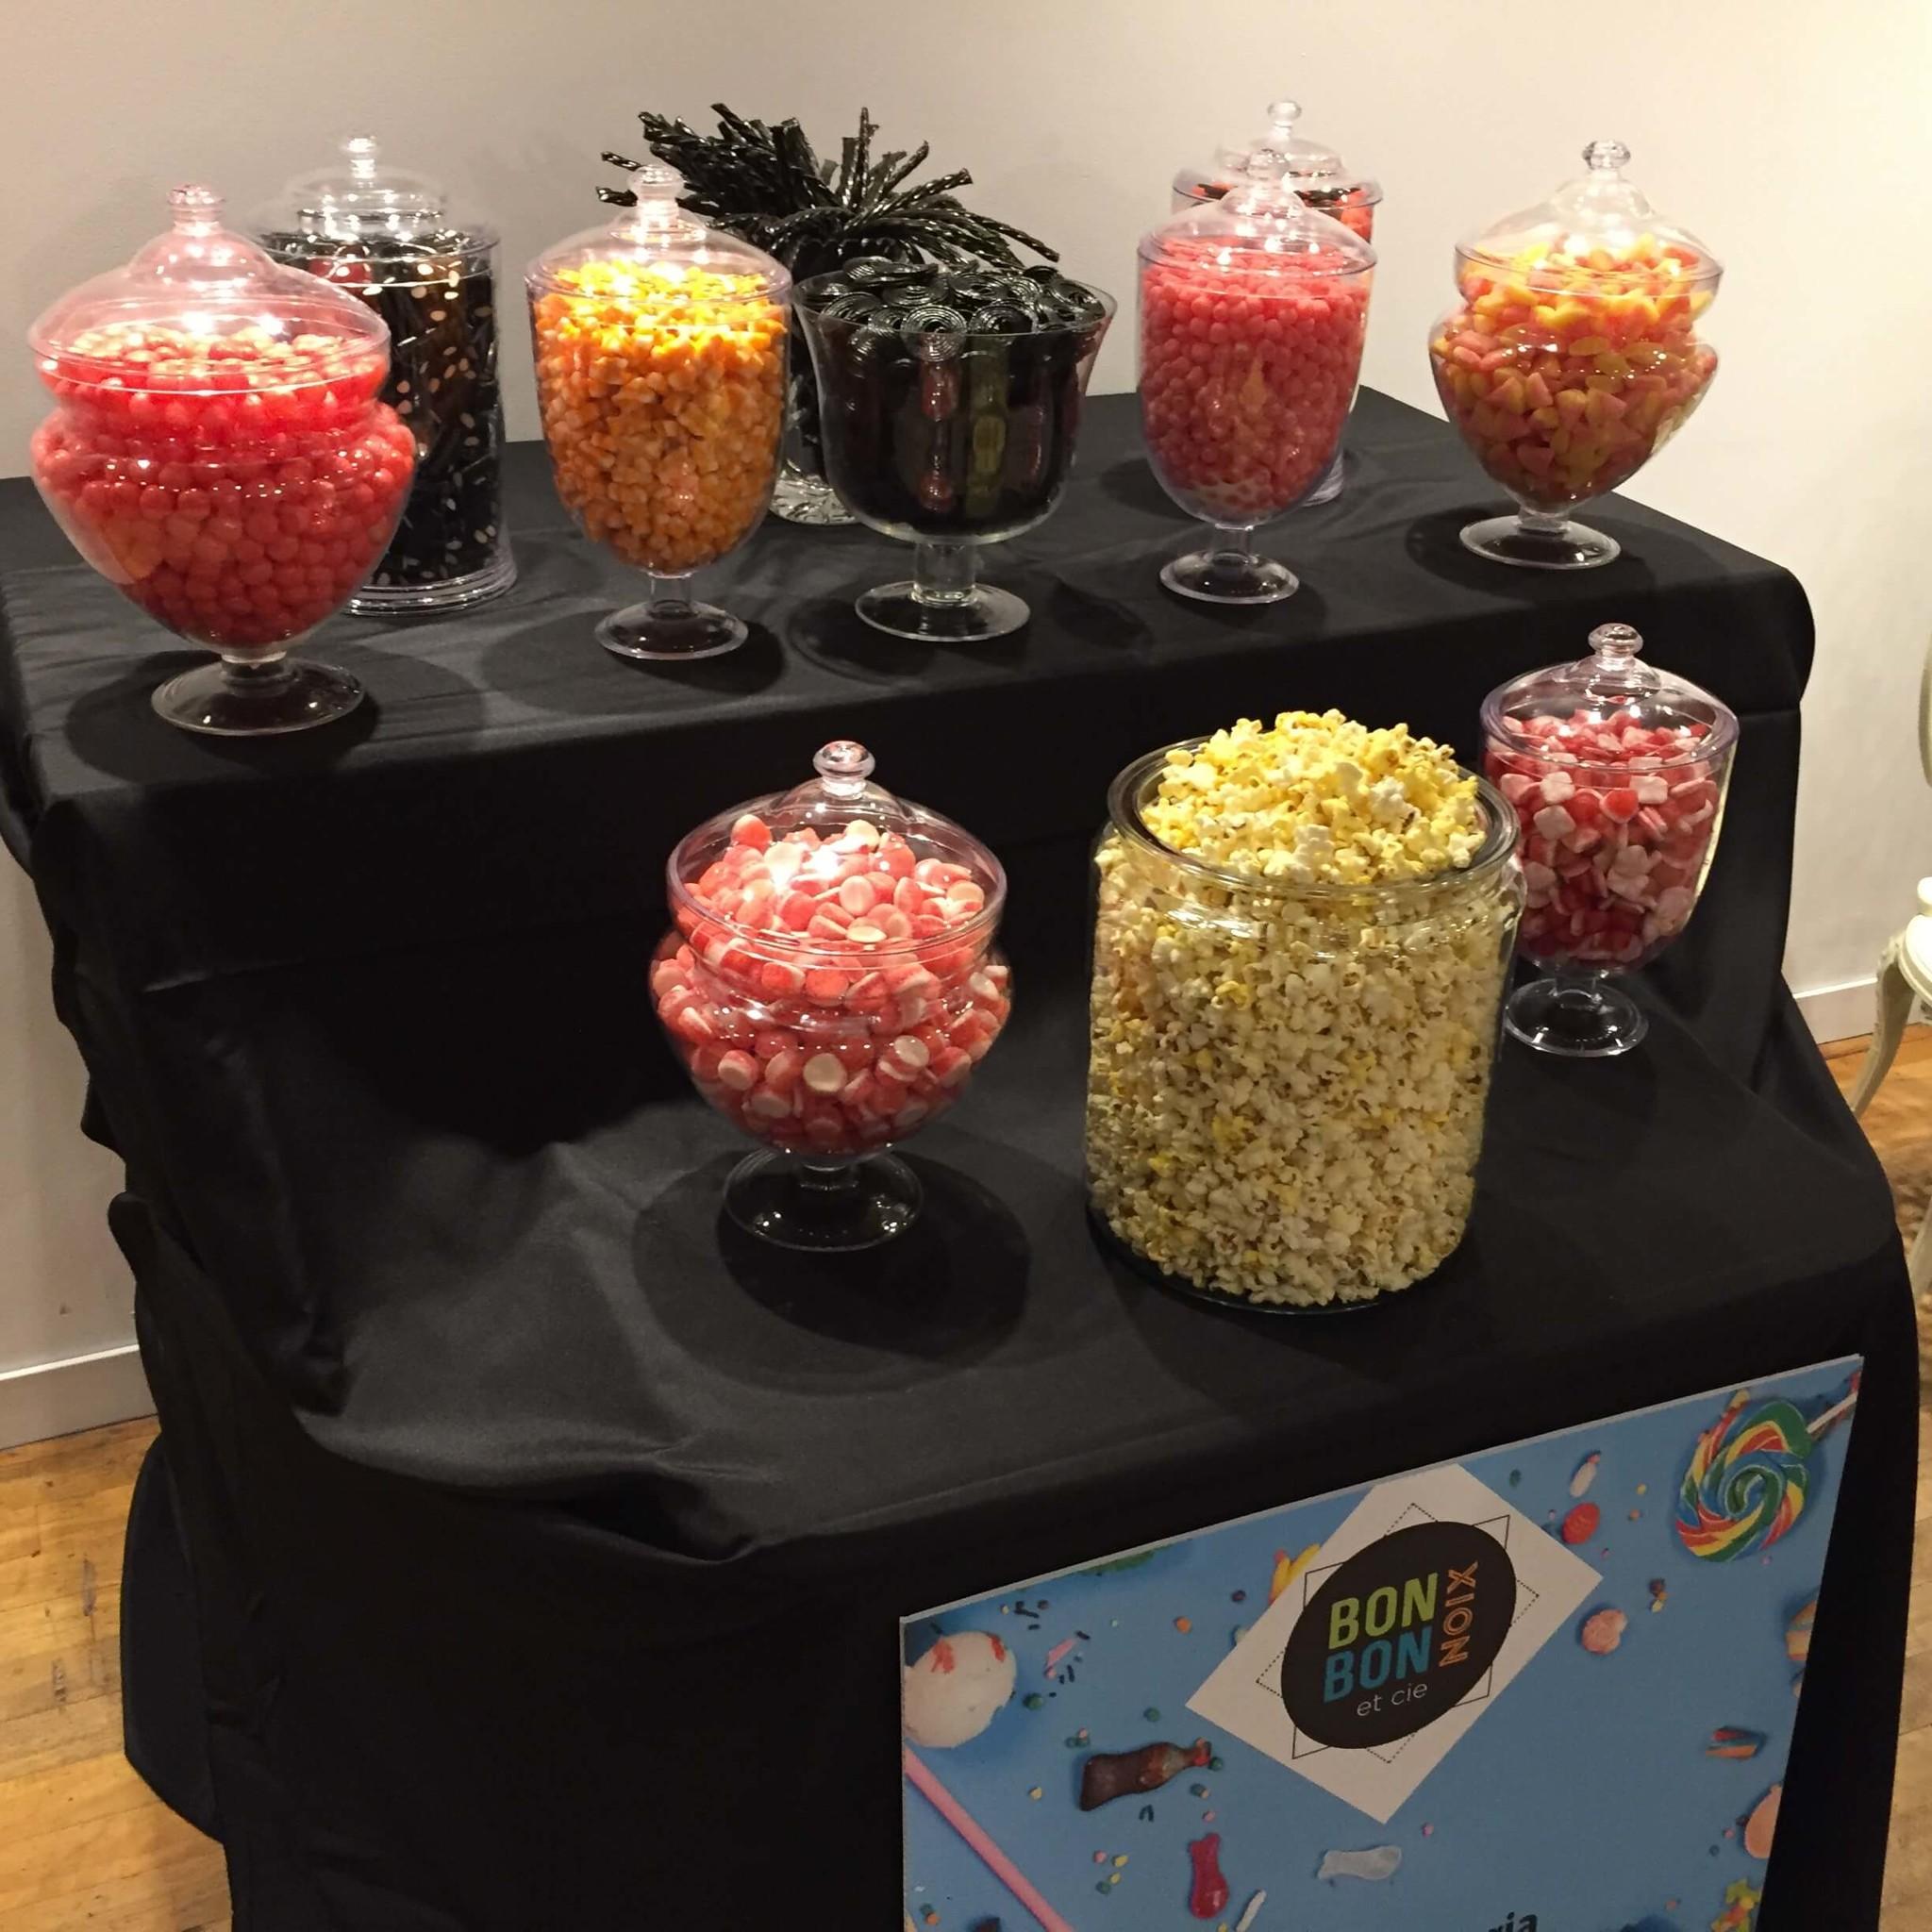 Bar à bonbons et pop corn sur une table